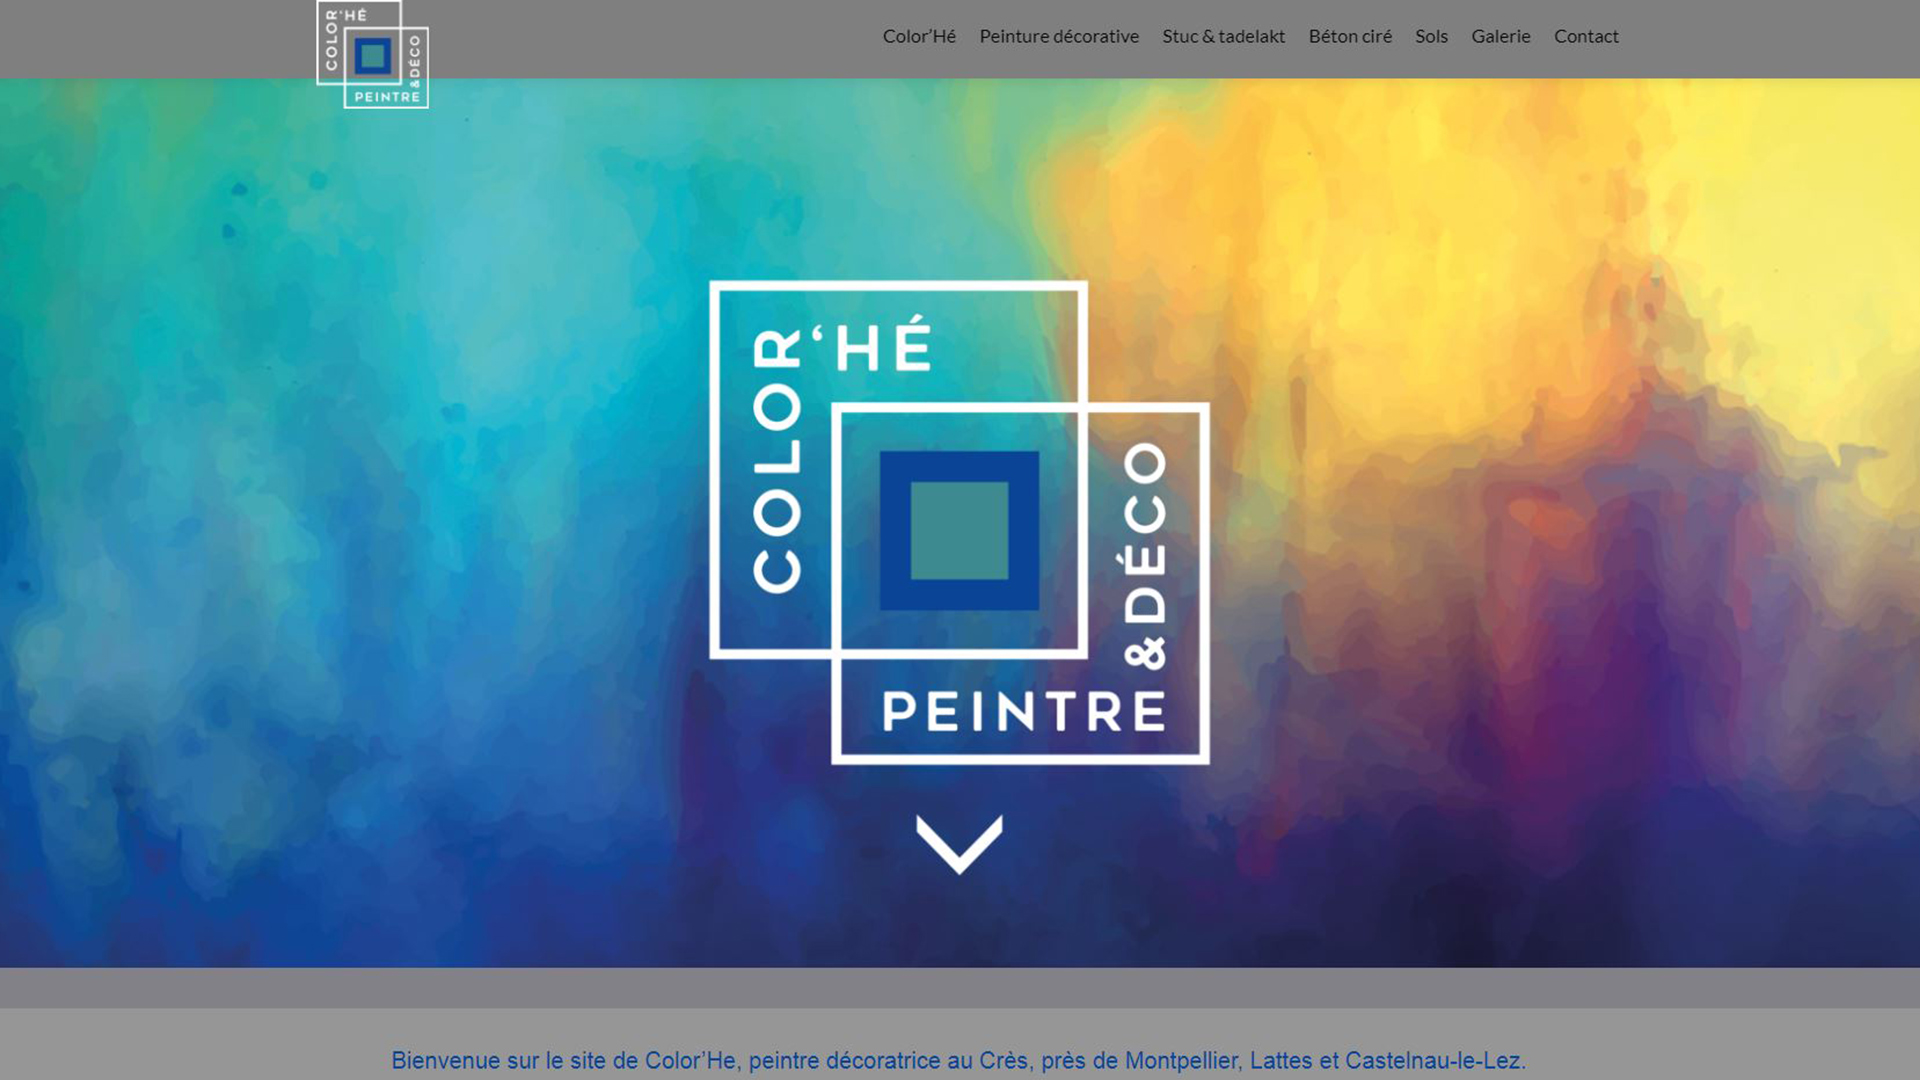 magasin de peche a Saint-Gilles-materiel de peche Gard-articles de chasse Camargue-vente de bateaux Saint-Gilles-concours de peche Gard-articles de peche Saint-Gilles